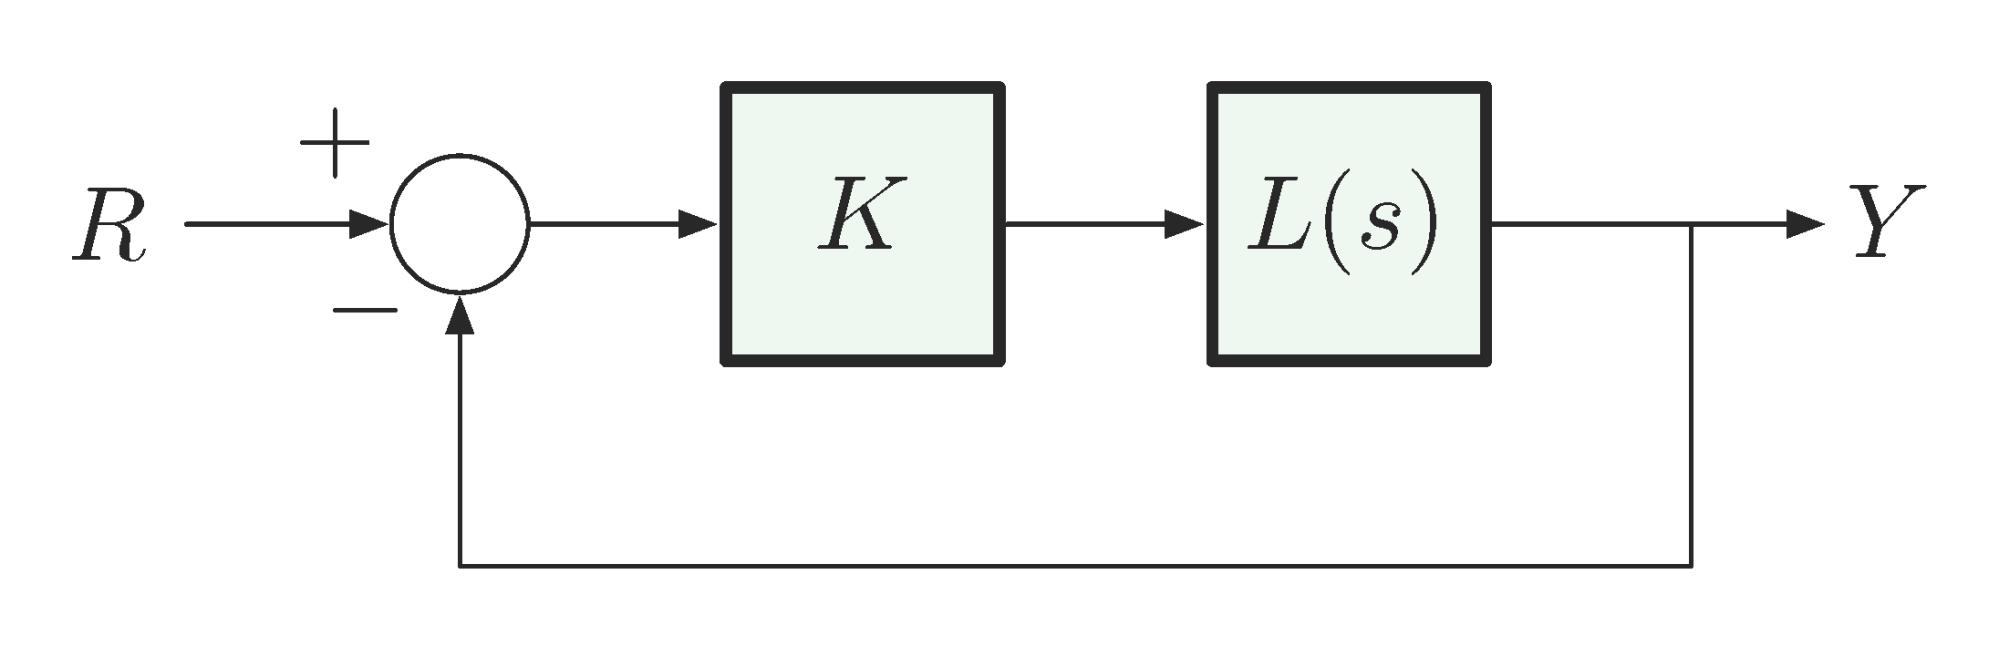 hight resolution of figure 1 block diagram for evans root locus method